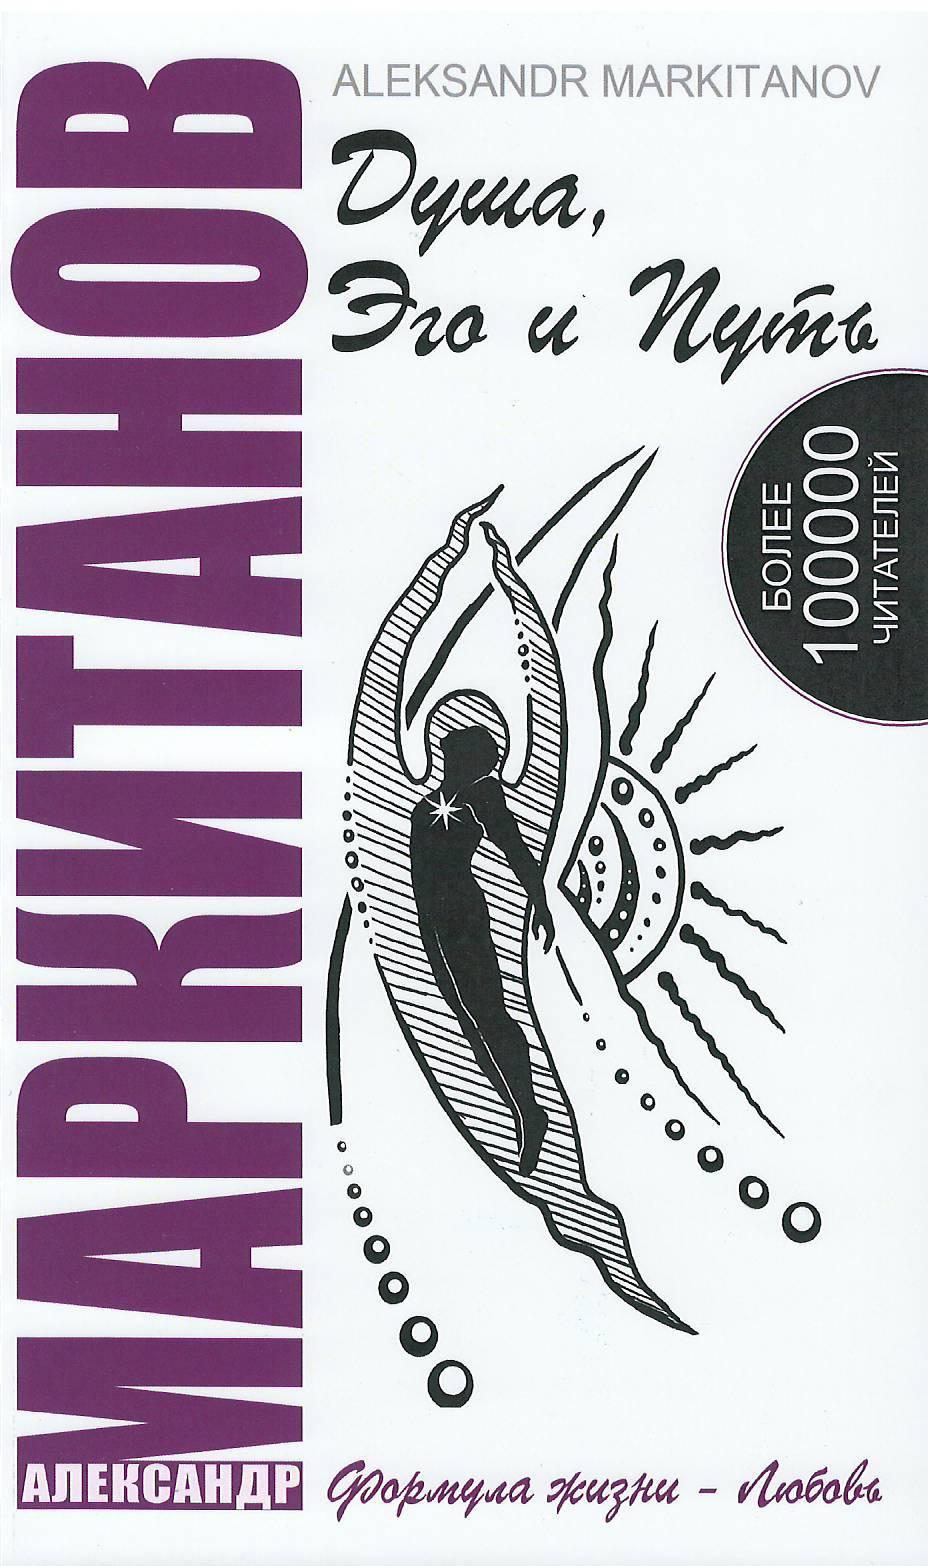 Душа, Эго и Путь. 4-е изд. Формула жизни - любовь. (КОМПЛЕКТ книга+CD)